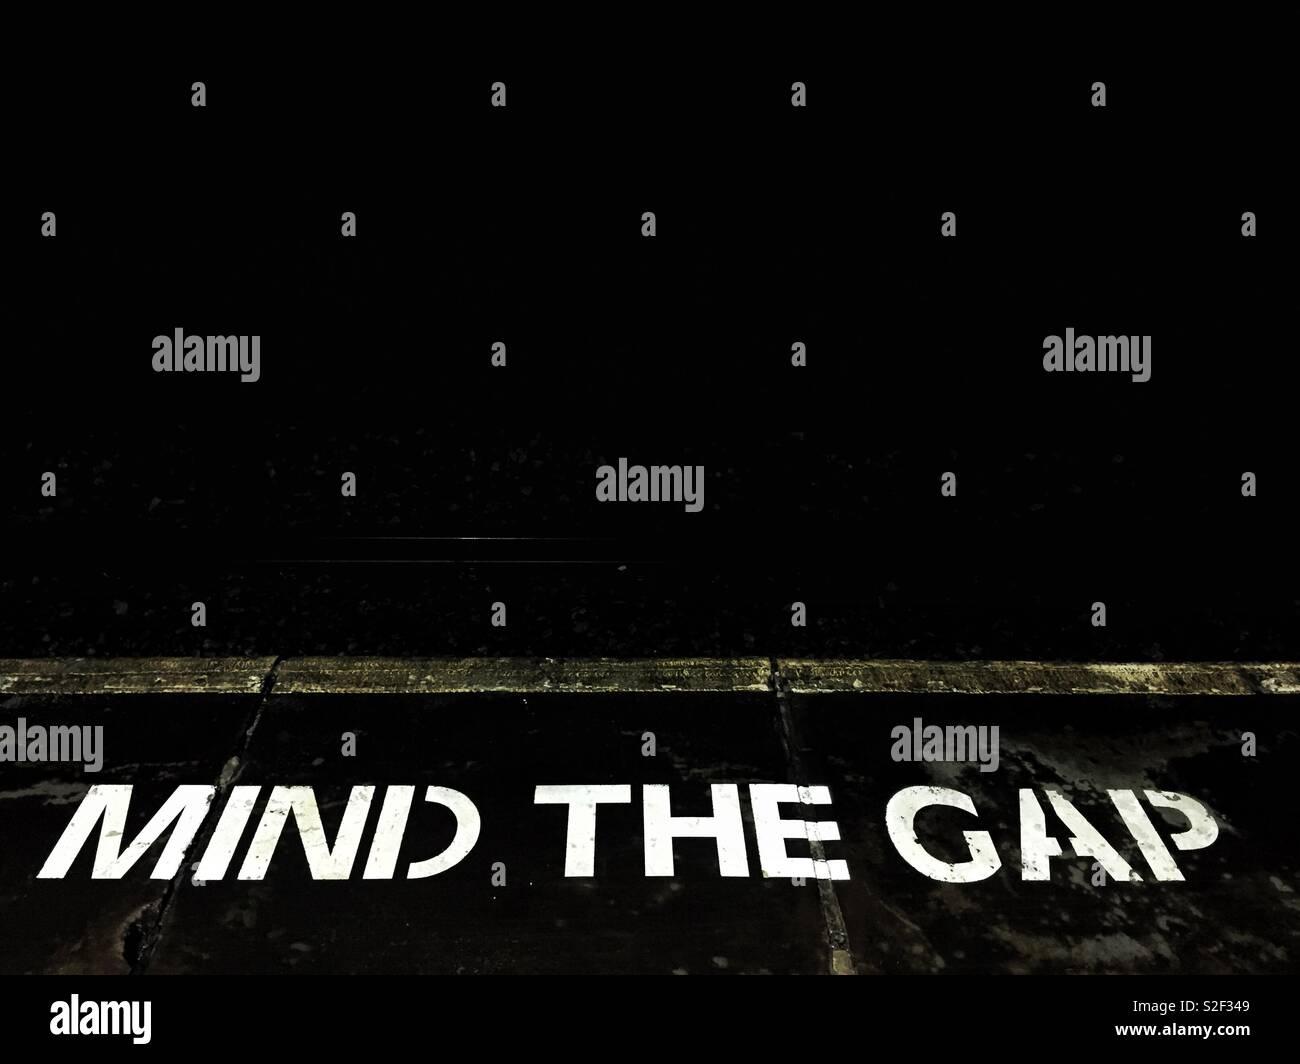 Un cartel sobre el piso de una estación ferroviaria de pasajeros de advertencia de plataforma a la mente la brecha Imagen De Stock